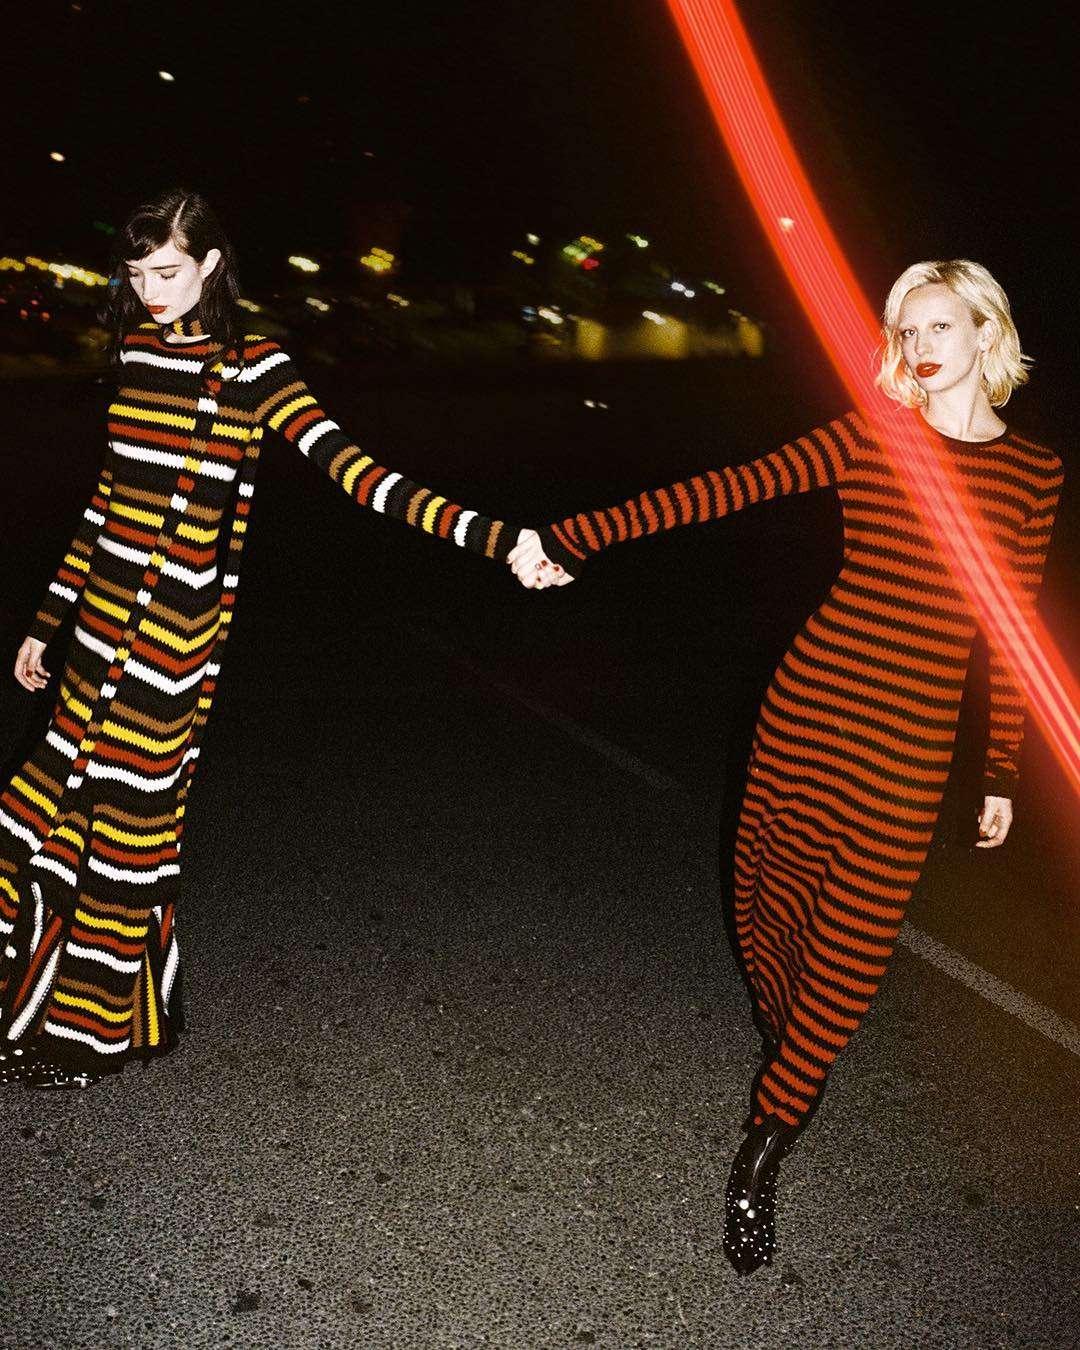 Известный французский дом моды Sonia Rykiel объявил о закрытии из-за банкротства